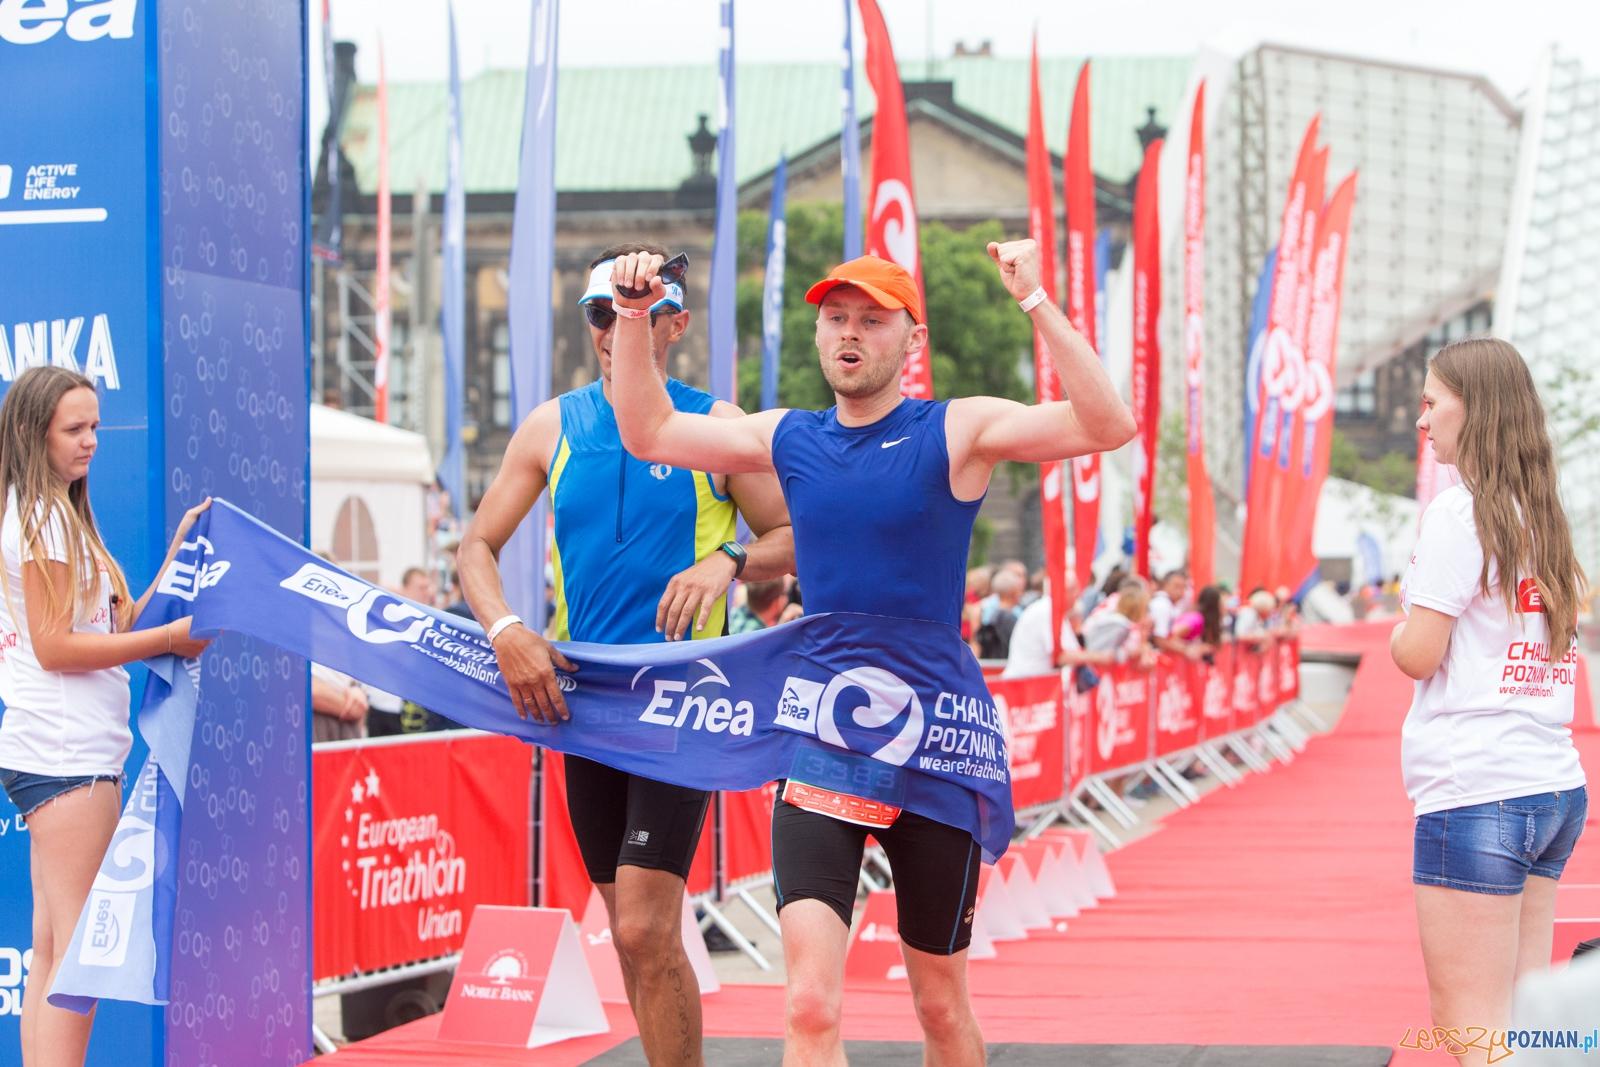 Enea Challenge Poznań  Foto: lepszyPOZNAN.pl / Piotr Rychter